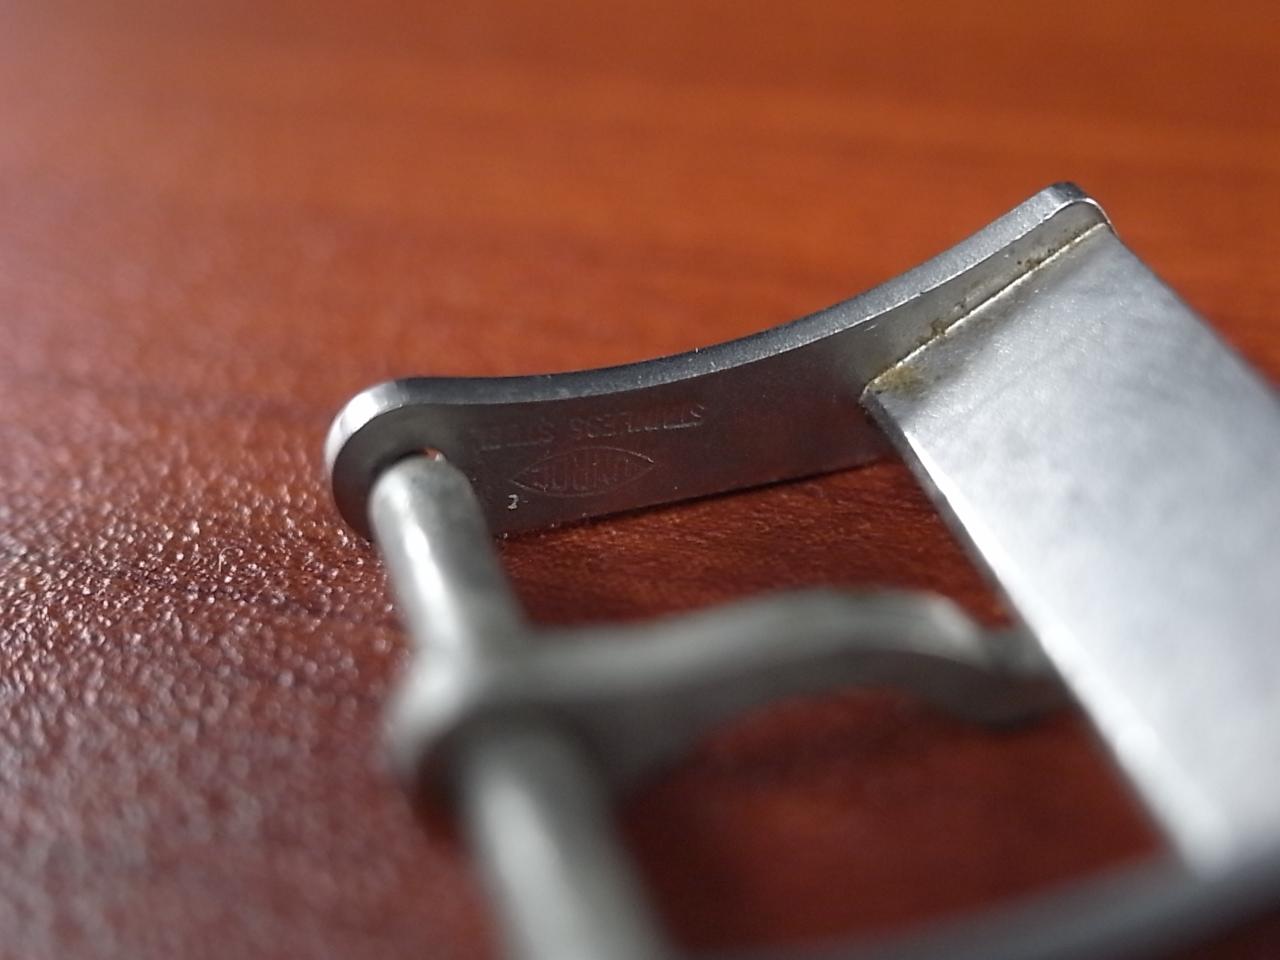 ゼニス アンティーク尾錠 SS 14mm 1960-70年代の写真6枚目